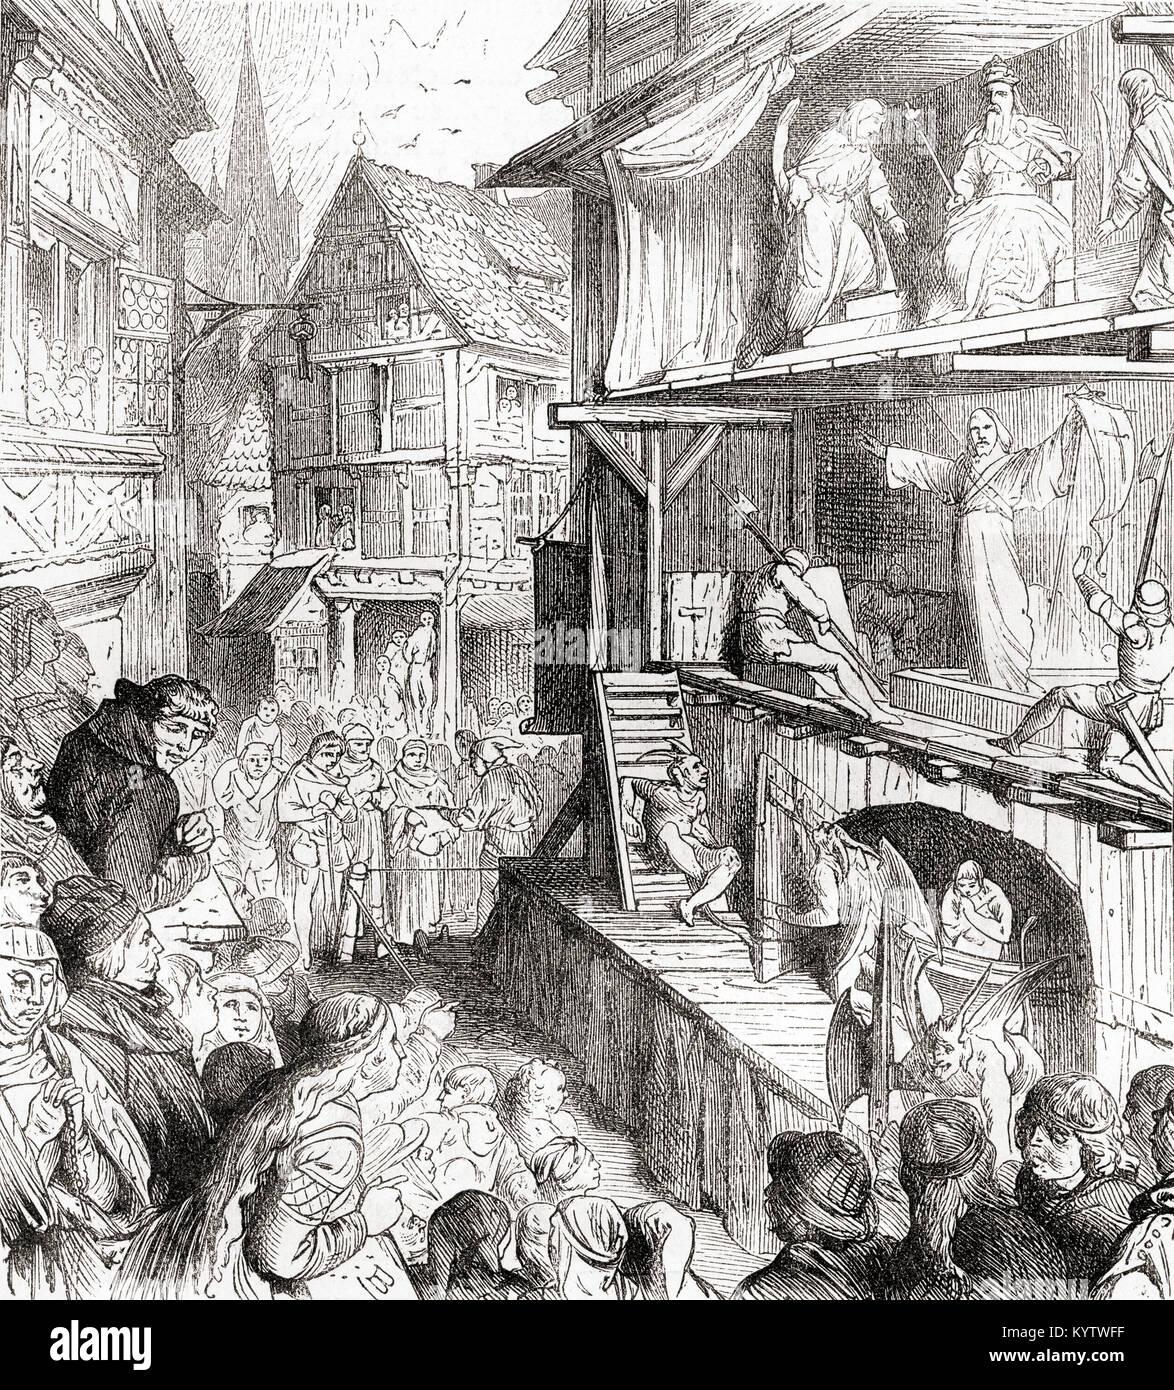 Una passione play un dramma medievale. Da Ward e bloccare la storia illustrata del mondo, pubblicato c.1882. Immagini Stock